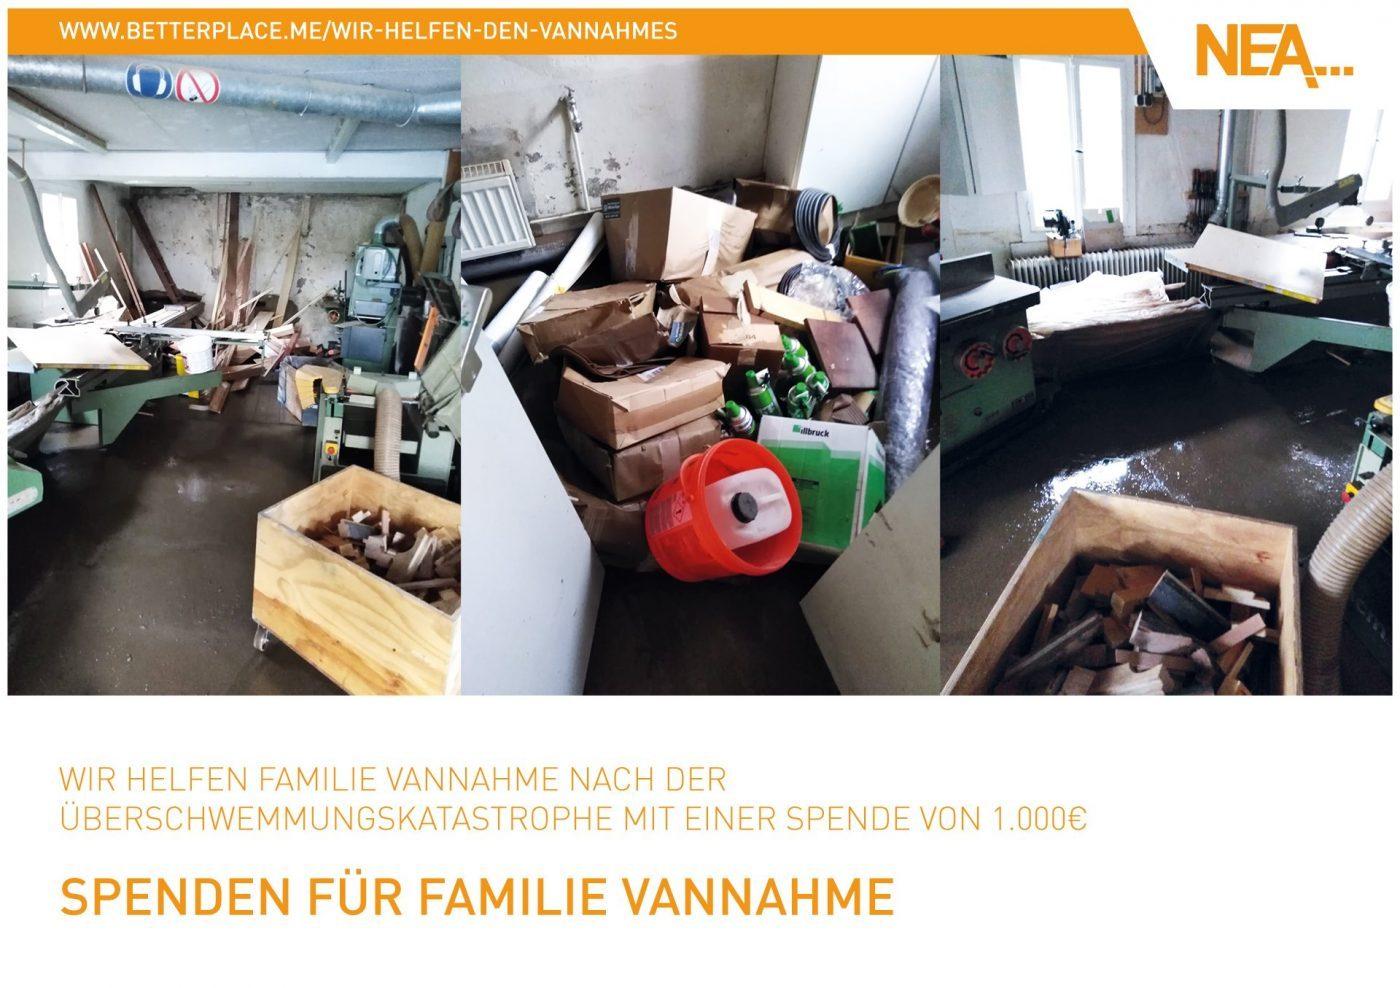 Wir spenden 1000€ an Betroffene der Überschwemmungskatastrophe!